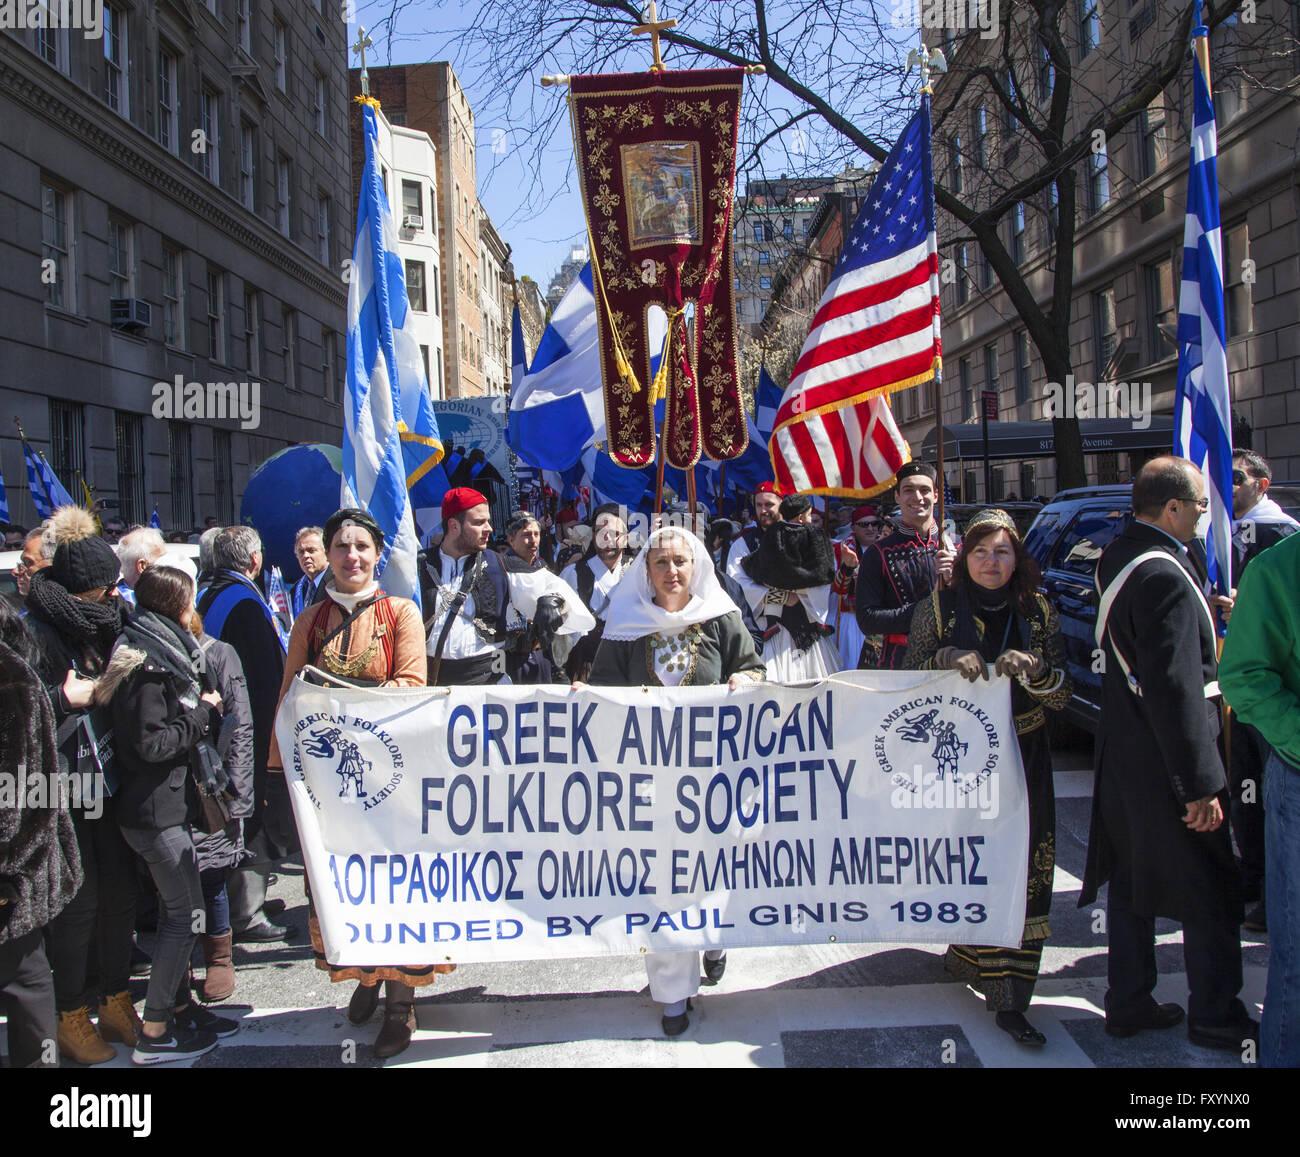 Griechischen Independence Day Parade in New York City. Griechischen American Folklore Society Mitglieder März Stockbild